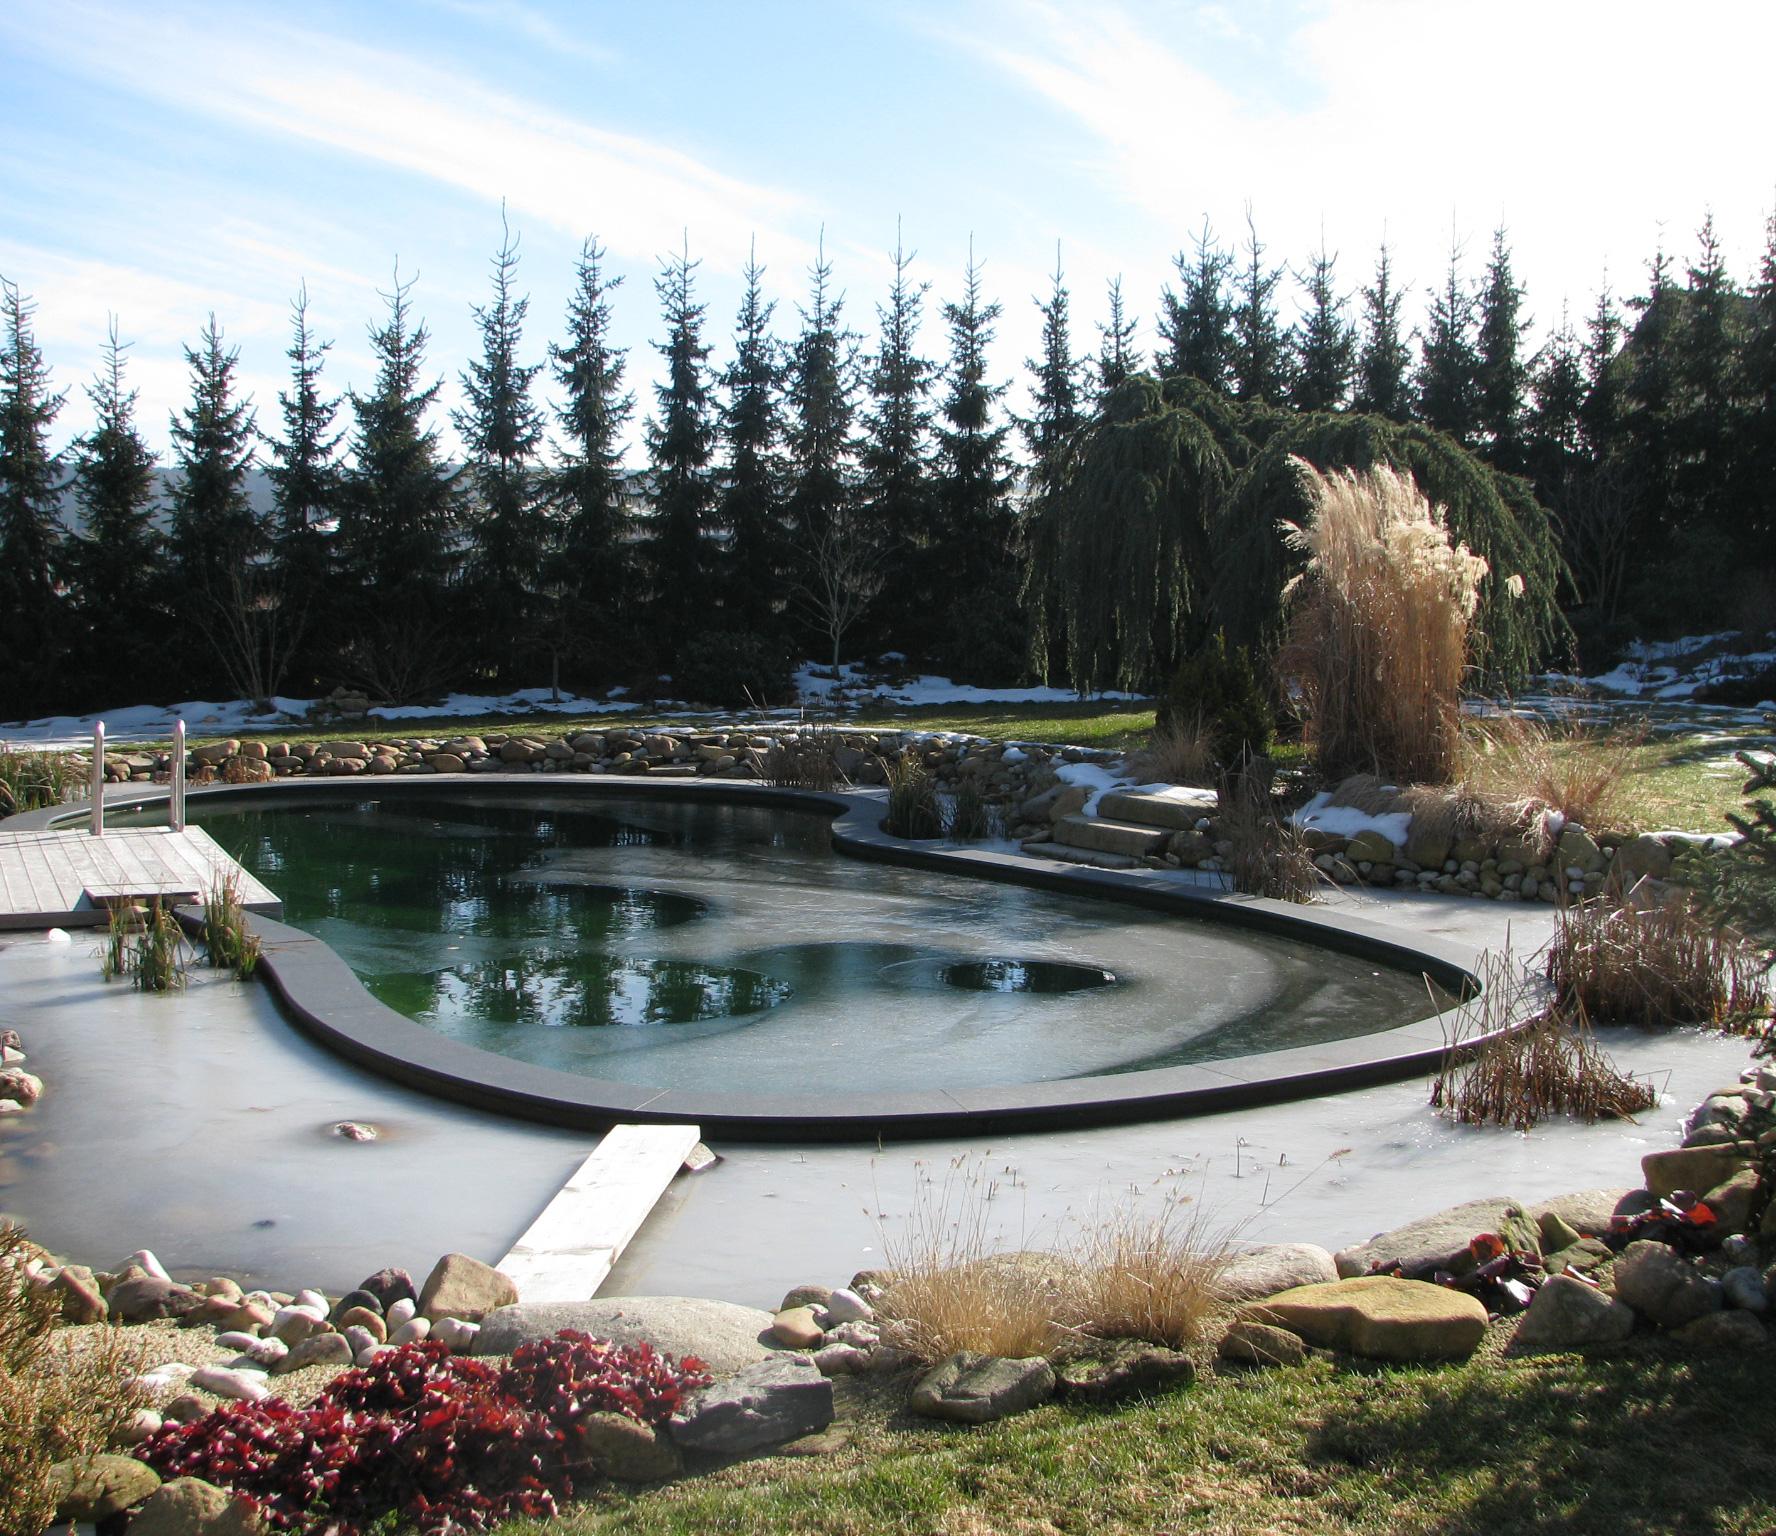 Schön Kleiner Garten Mit Pool Gestalten Schema